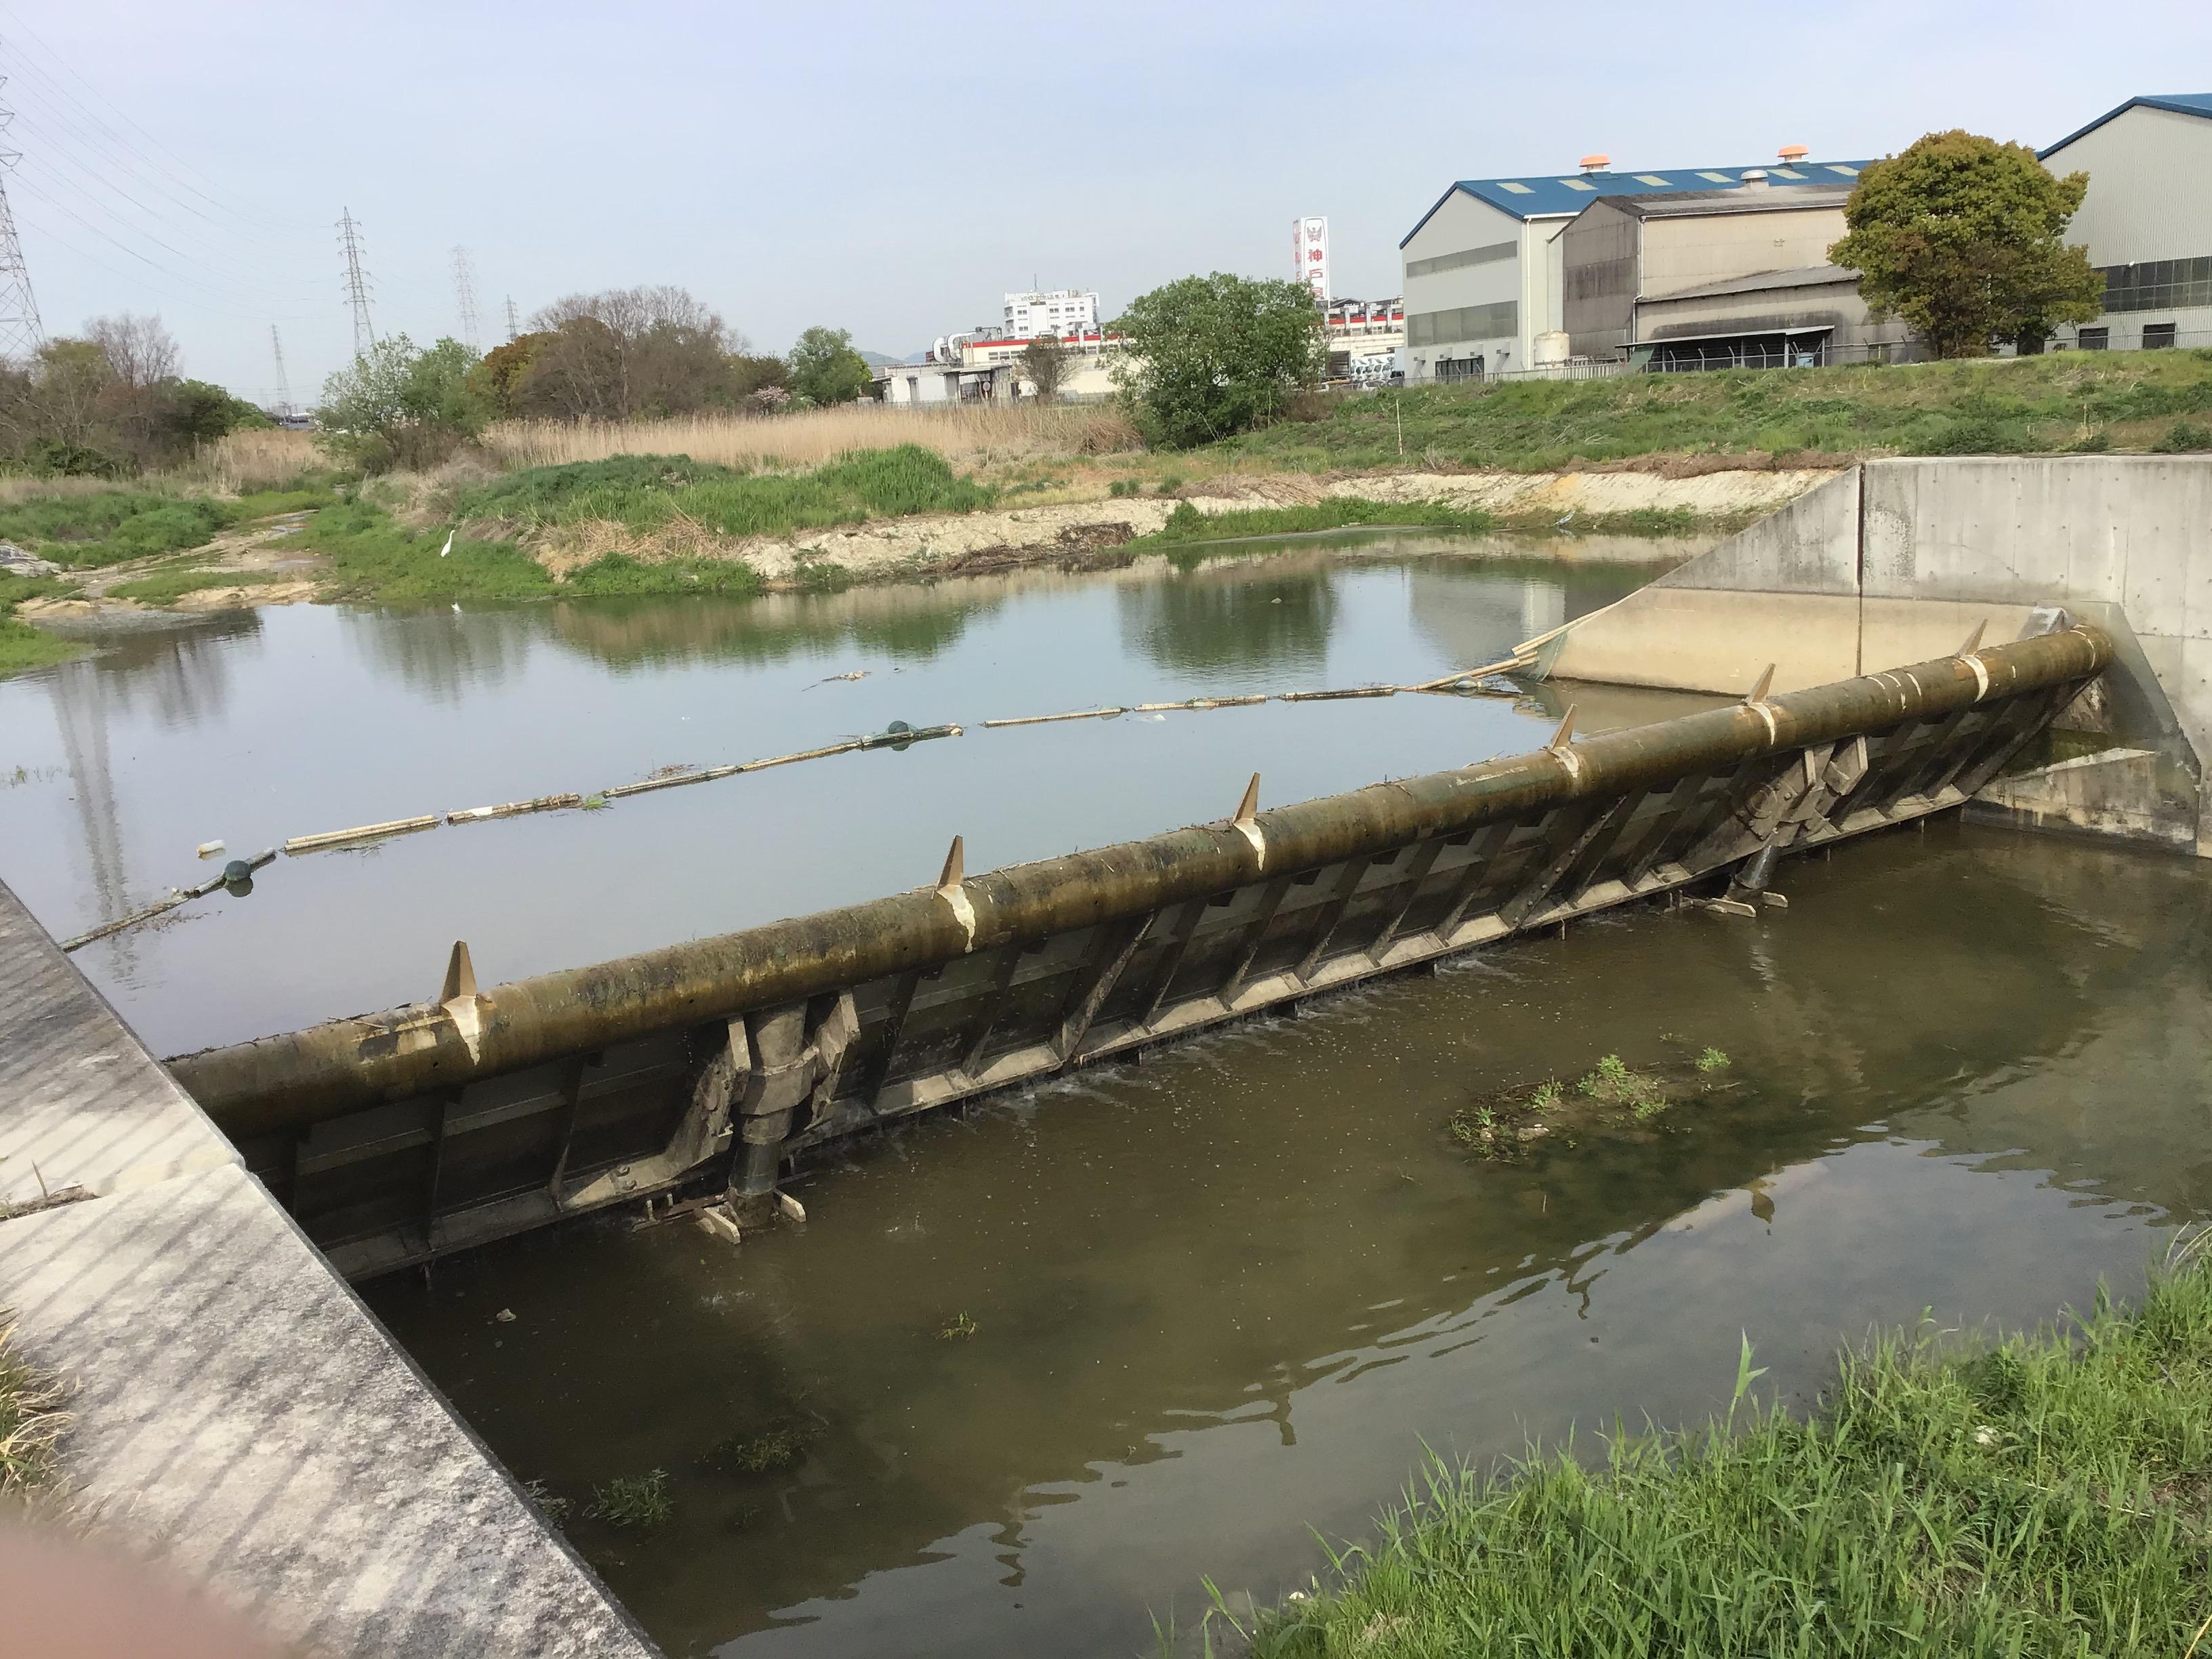 井堰起立状況:写真右側のコンクリート中央部水跡まで水位がきます。(転倒井堰の放流は圧巻。機会があれば。)